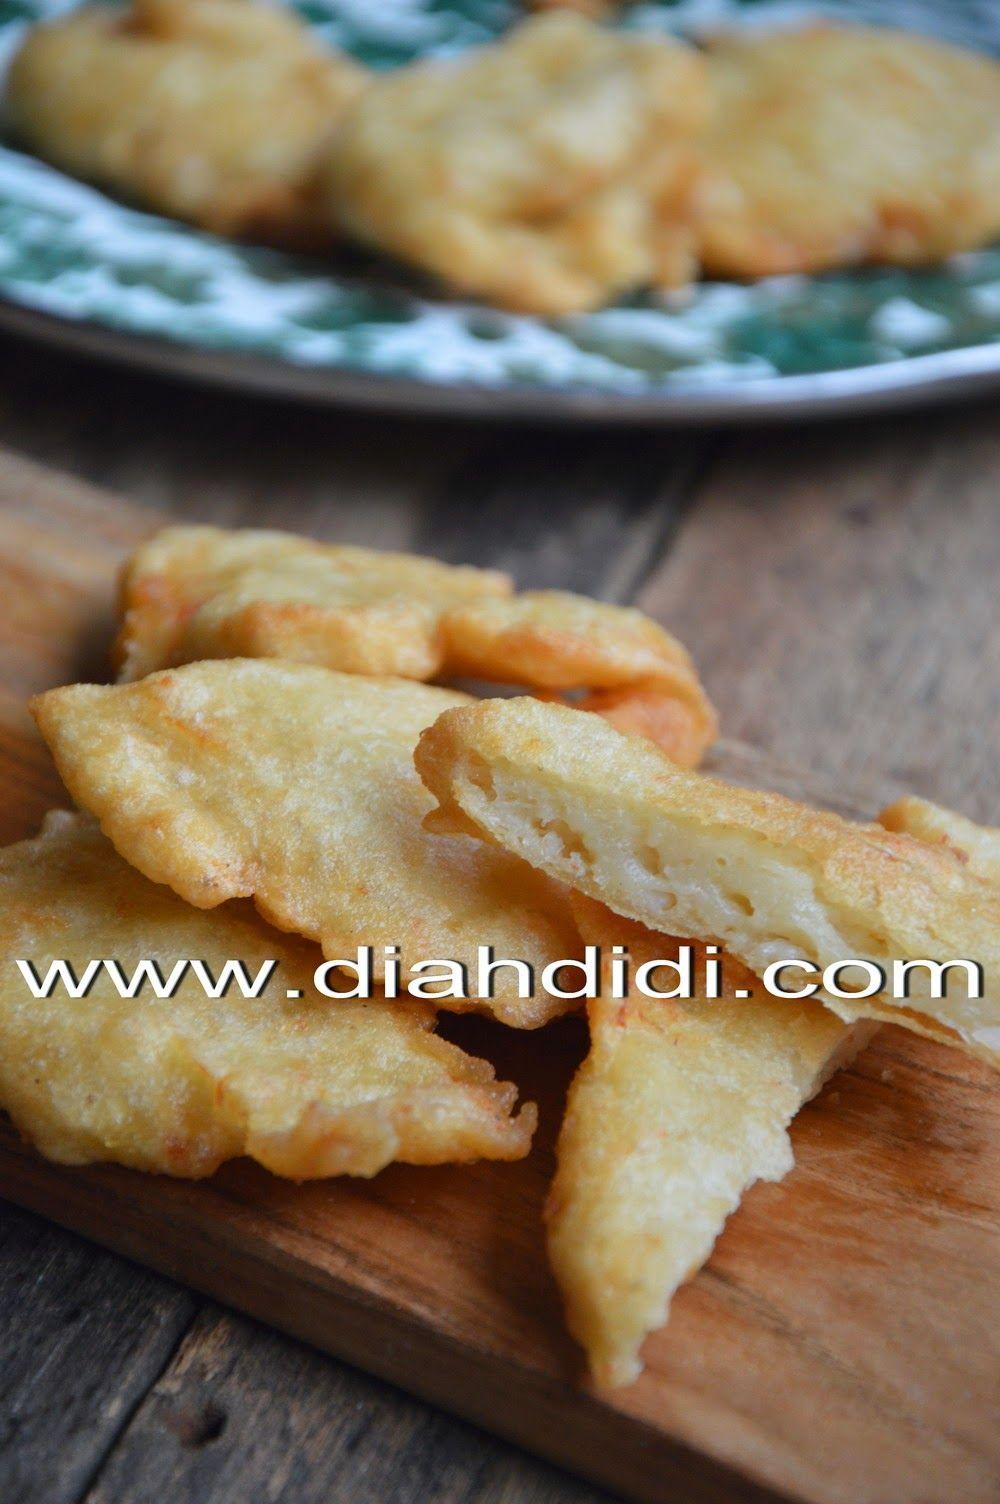 Diah Didi S Kitchen Gandum Kekian Goreng Udang Resep Masakan Indonesia Resep Masakan Resep